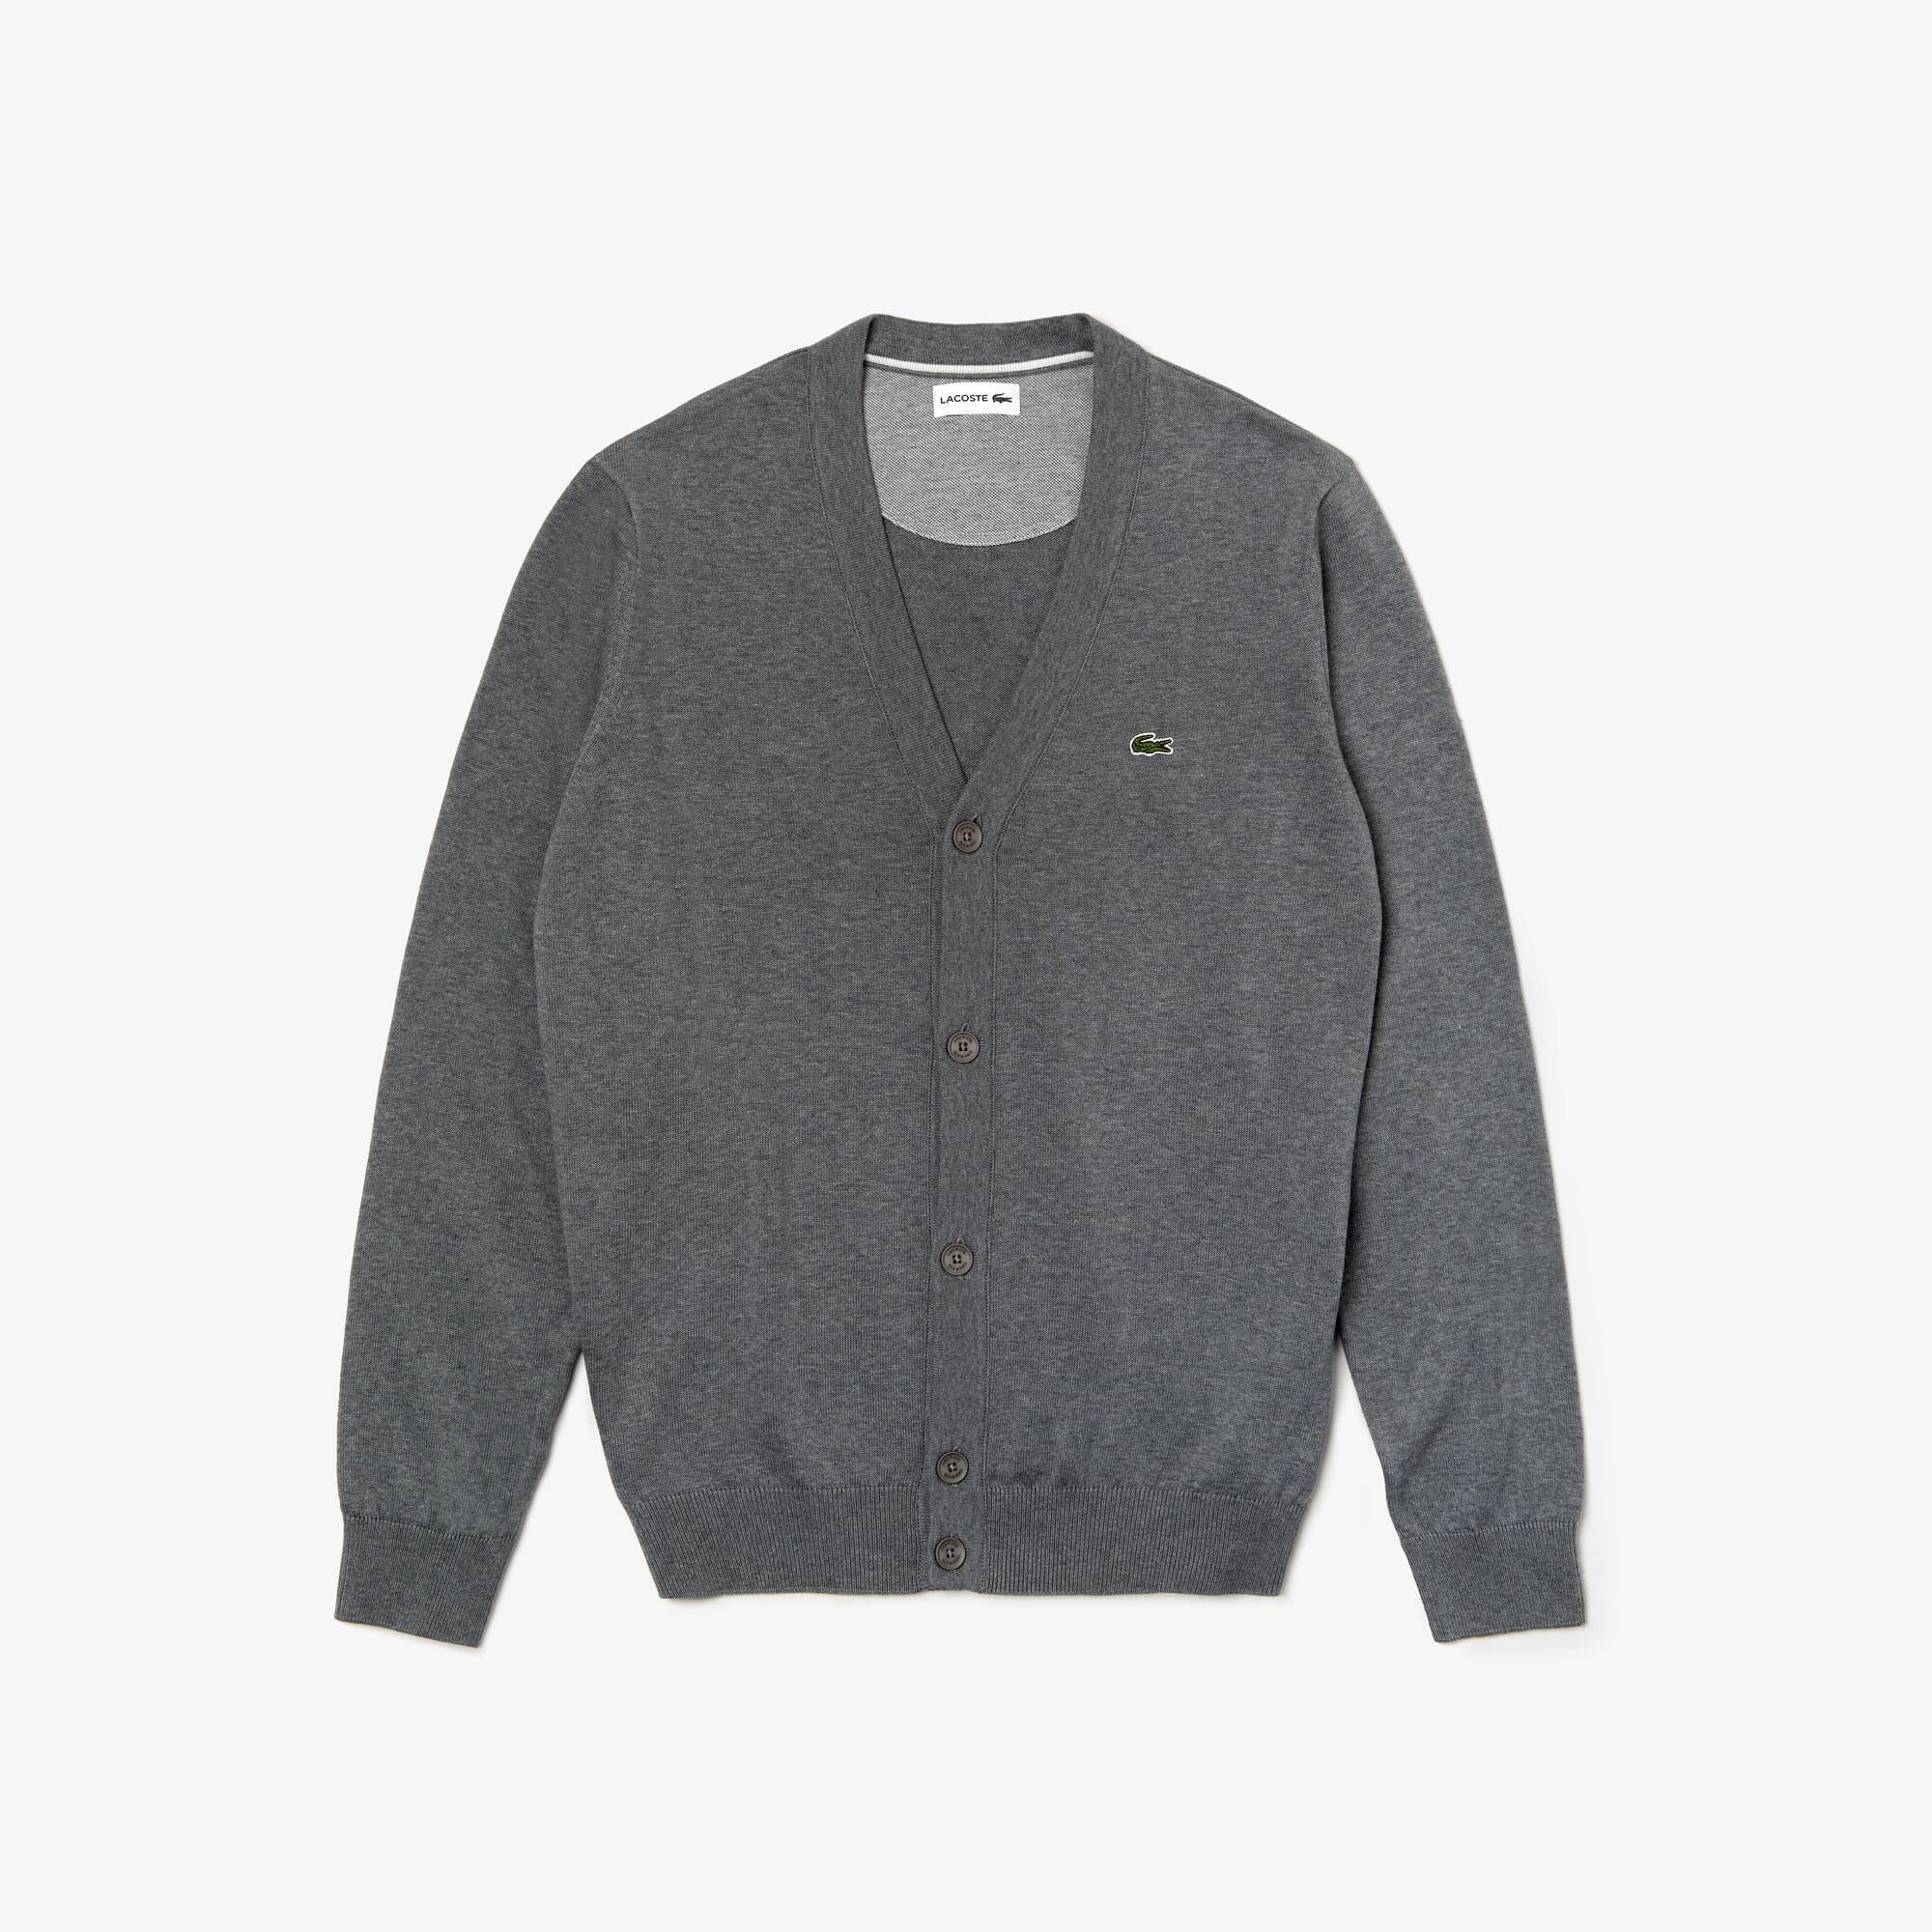 aec4eb631cc Casaco de malha em jersey de algodão unicolor